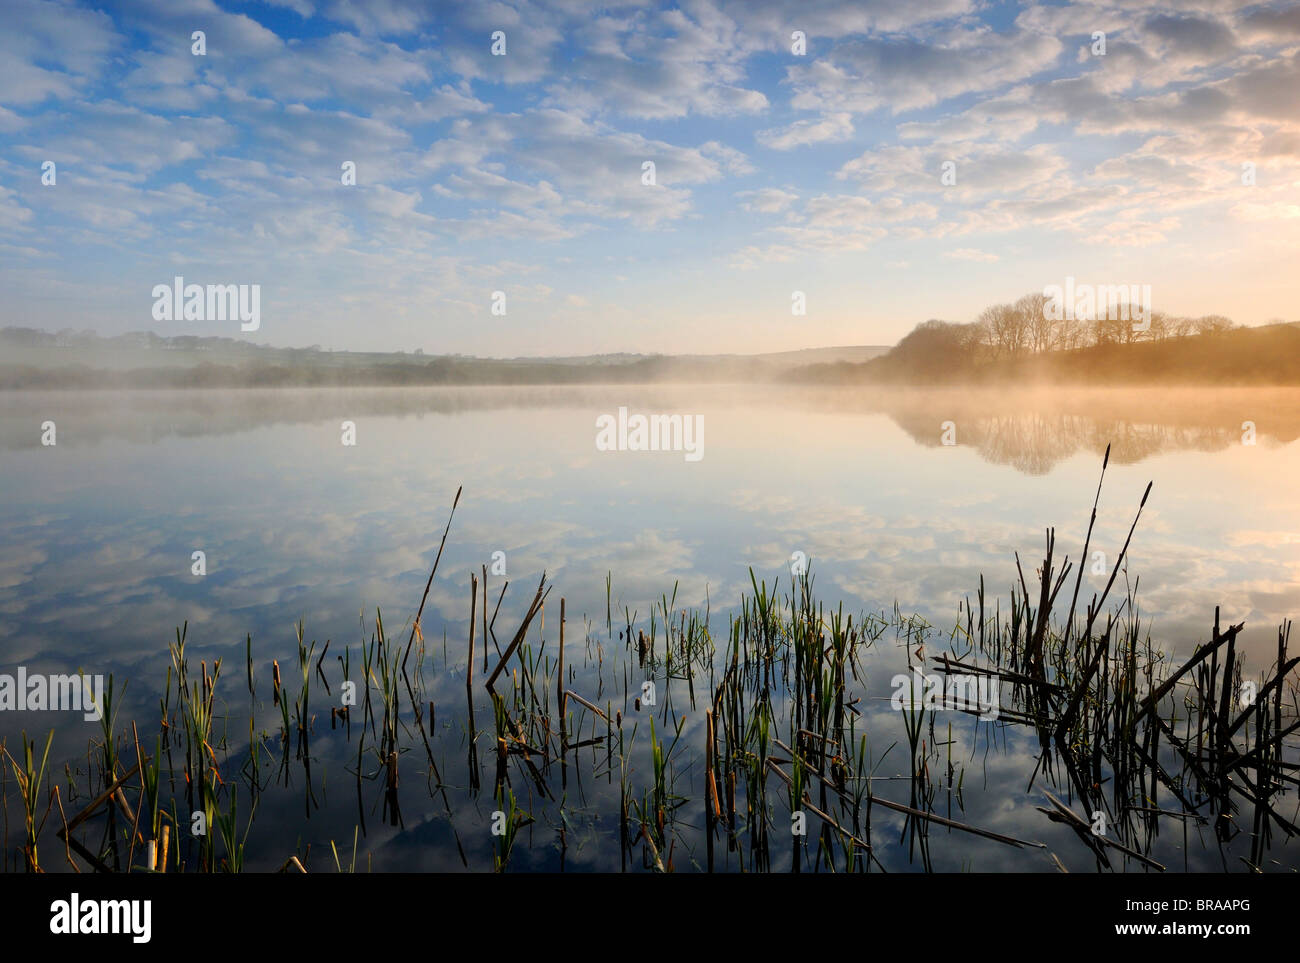 Bajar Tamar Lago, north Devon / frontera de Cornwall, Reino Unido. Niebla por la mañana temprano. Abril 08. Imagen De Stock